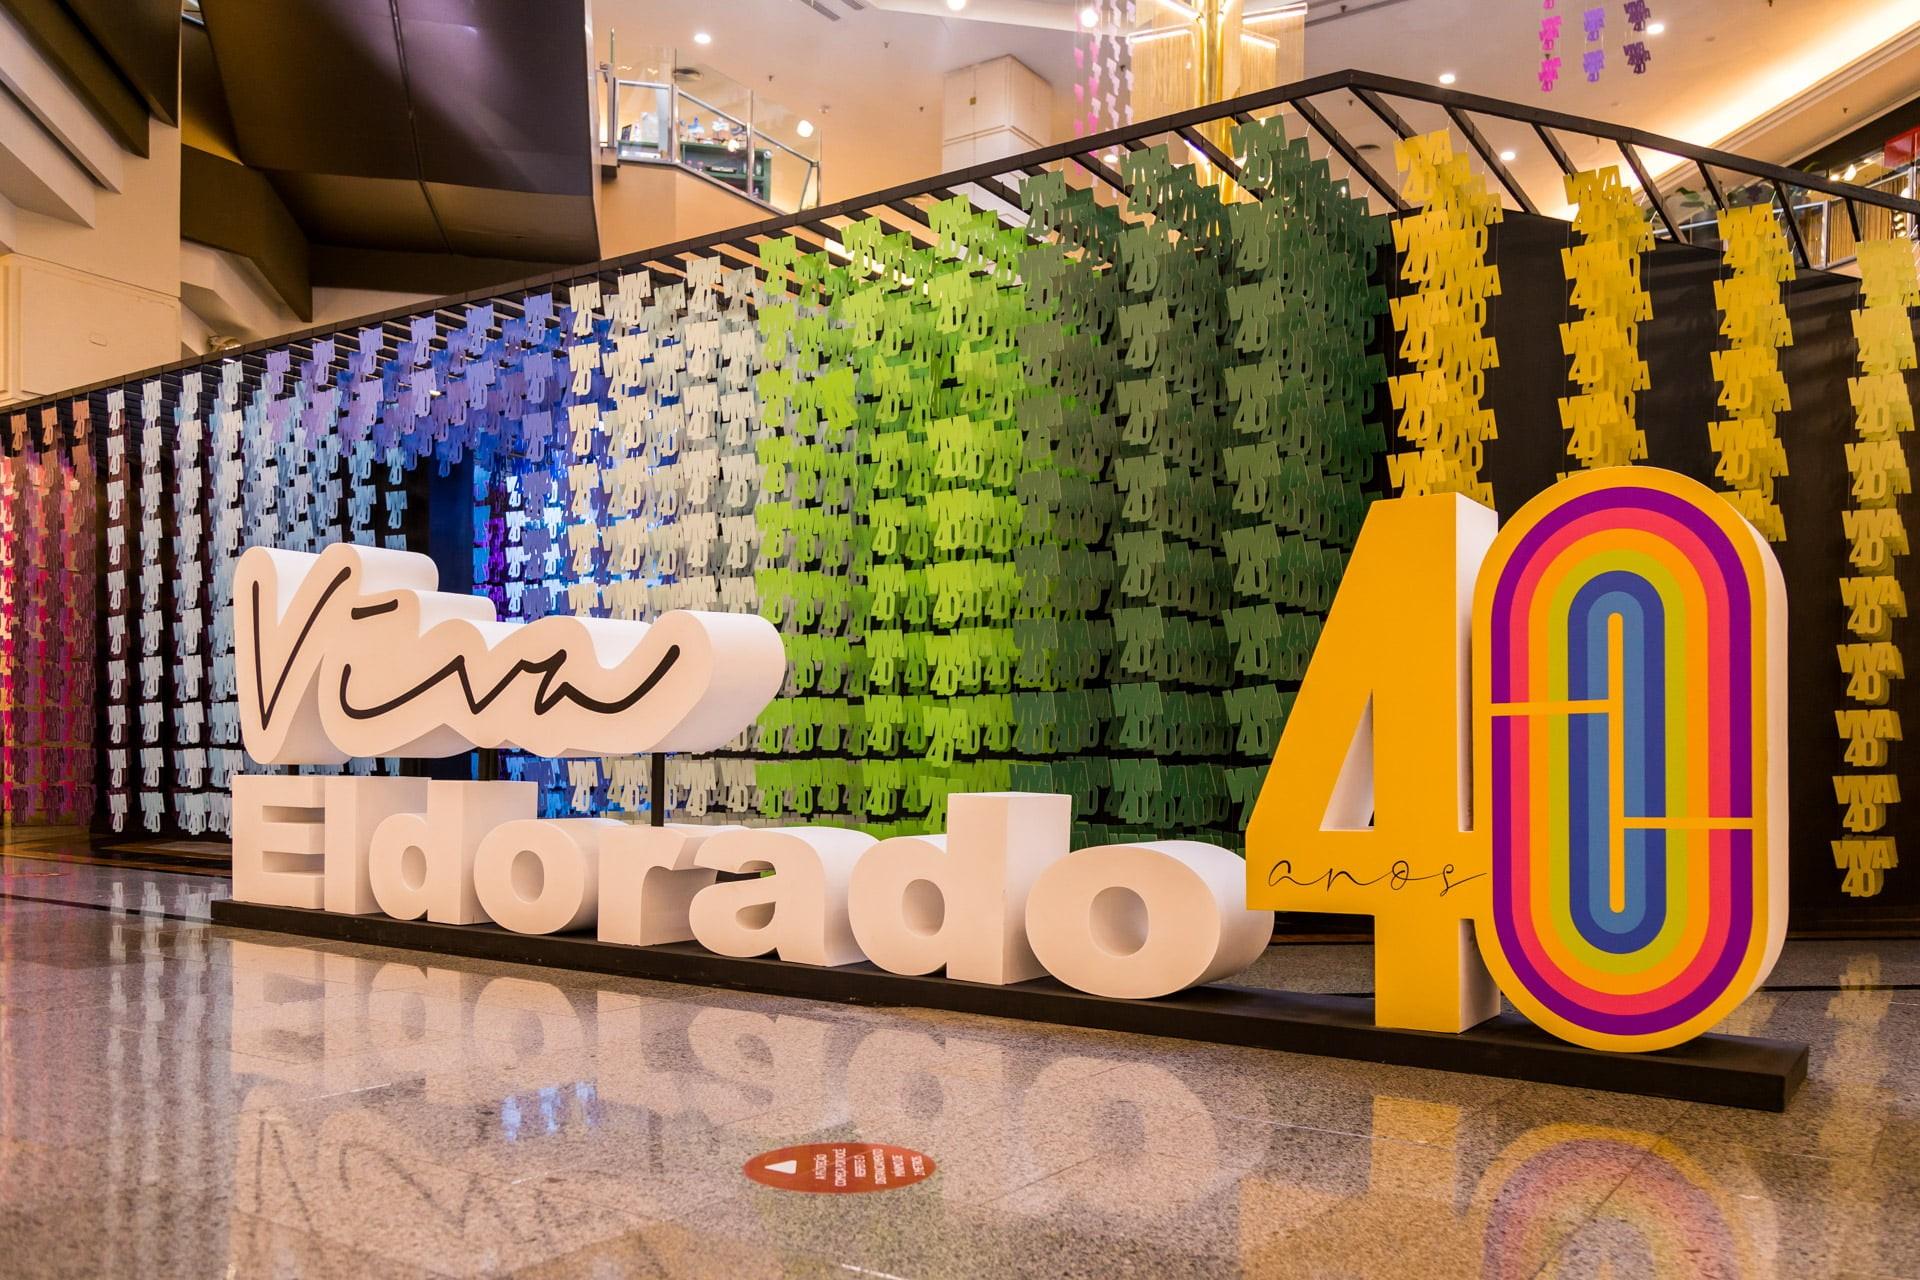 MChecon assina a cenografia da exposição interativa em comemoração aos 40 anos do Shopping Eldorado